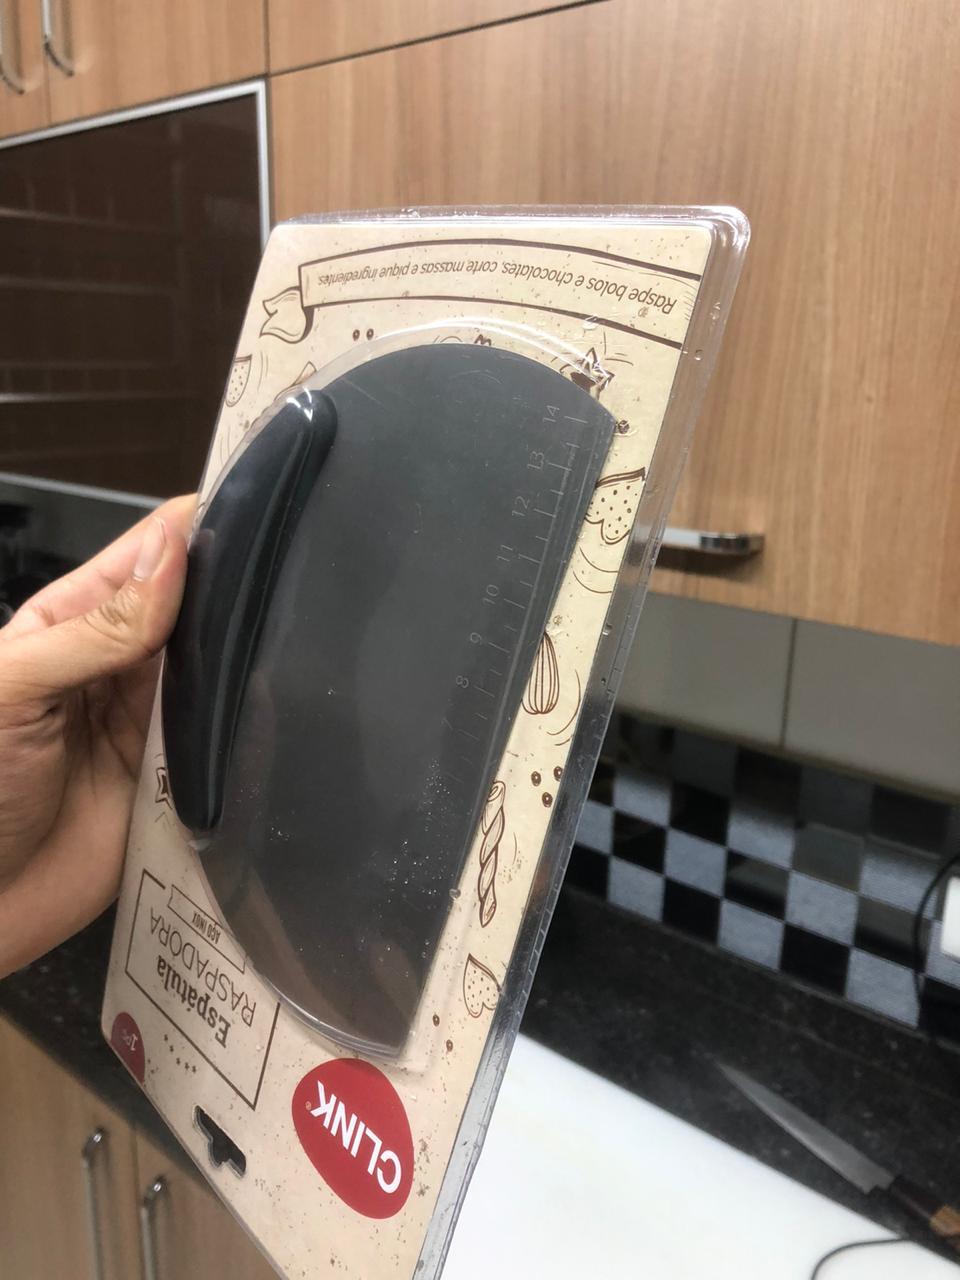 Espatula para massas cortar legumes em aço inox raspadoras confeiteiro padeiro